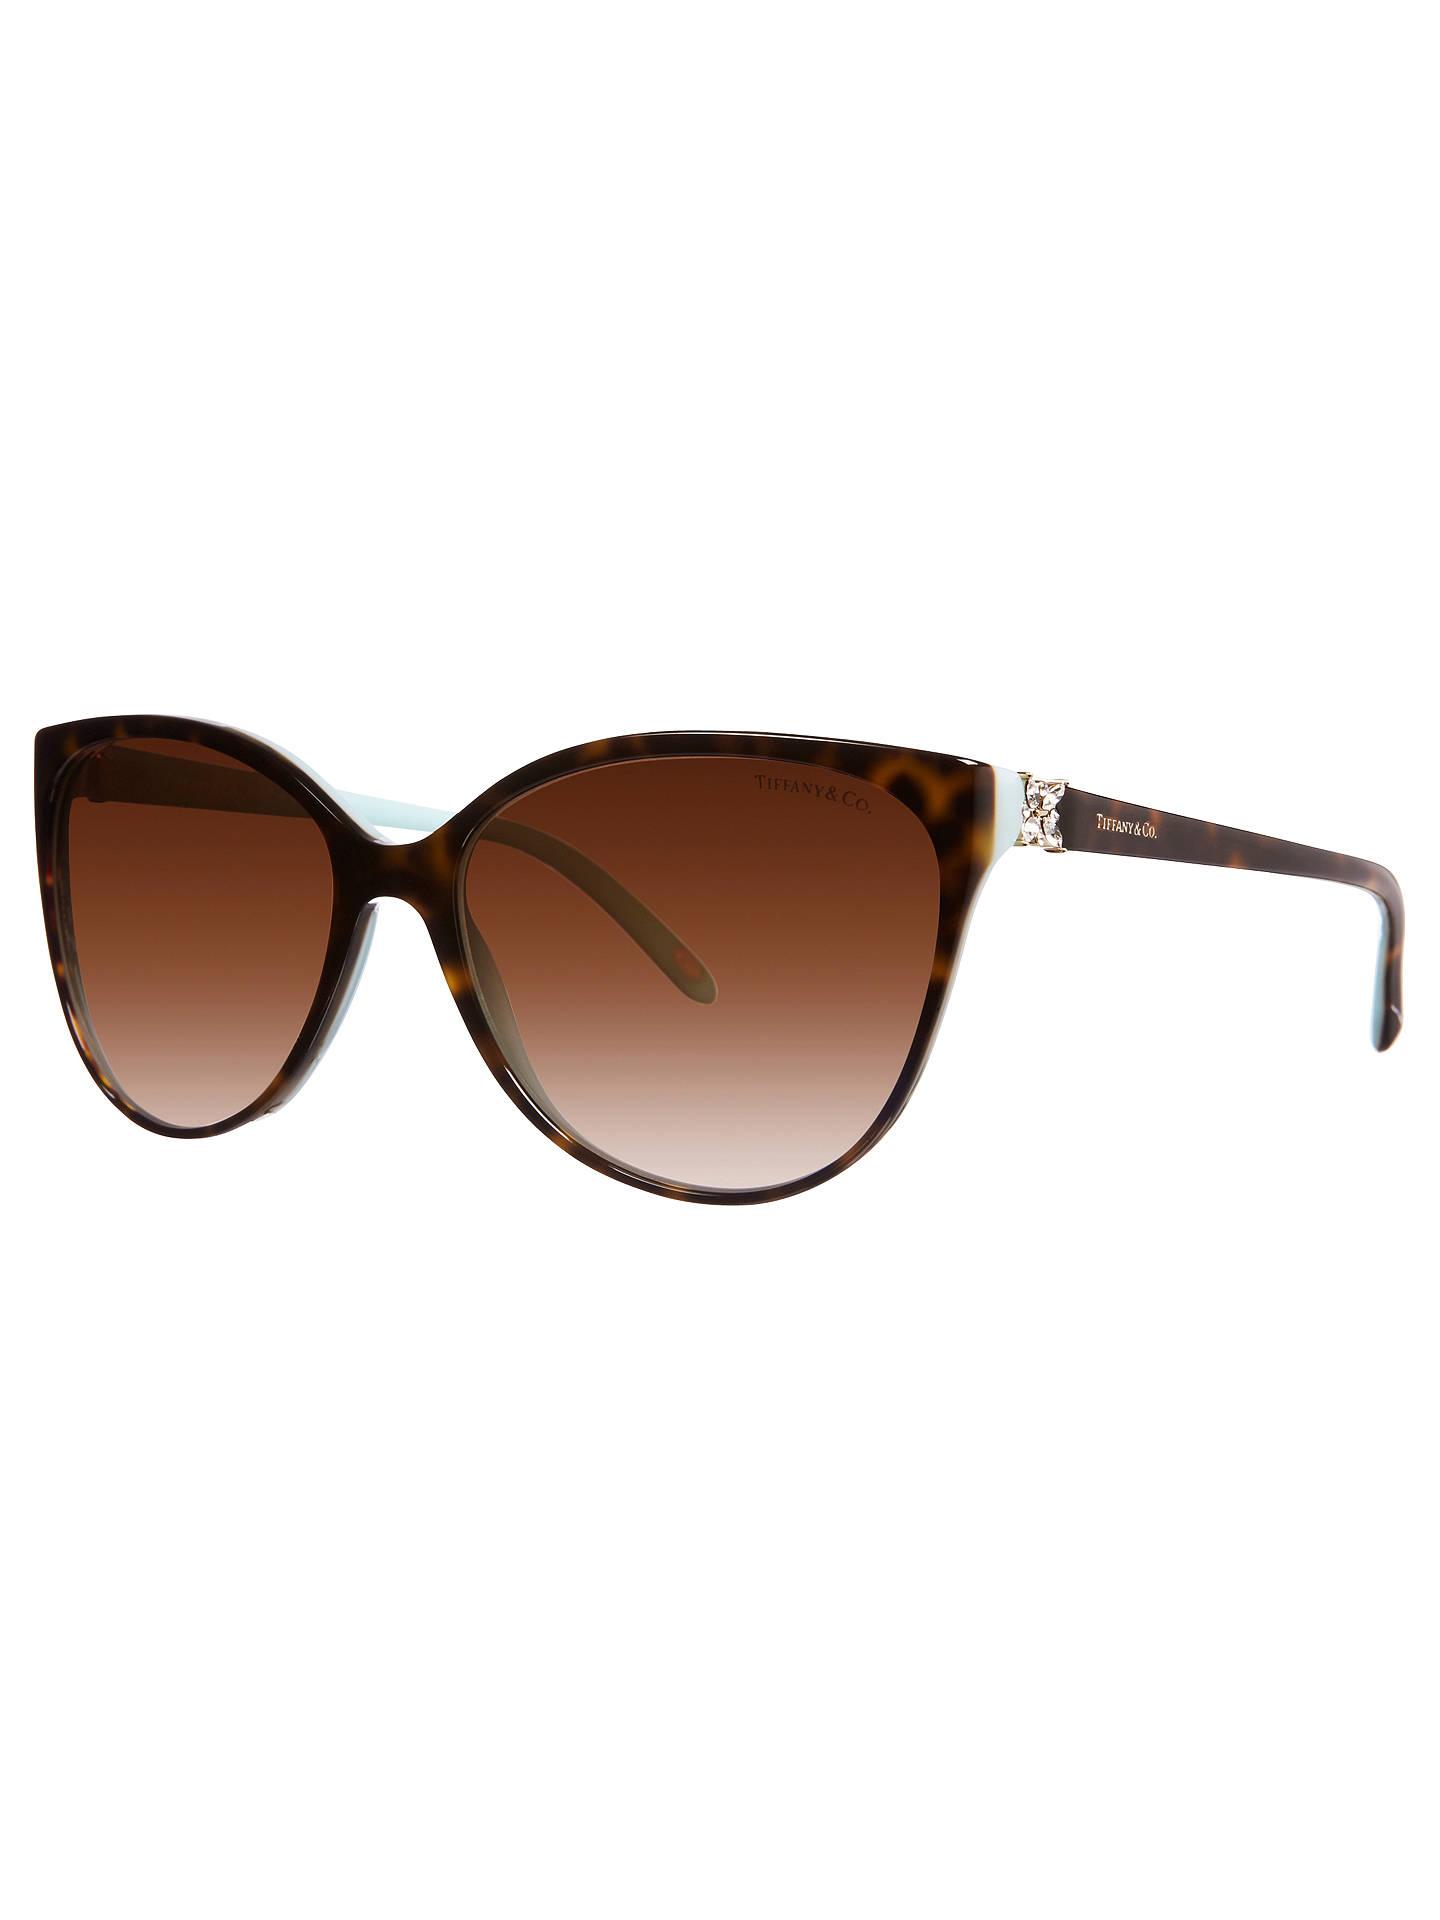 b773c8af582 Tiffany   Co TF4089B Cat s Eye Sunglasses at John Lewis   Partners